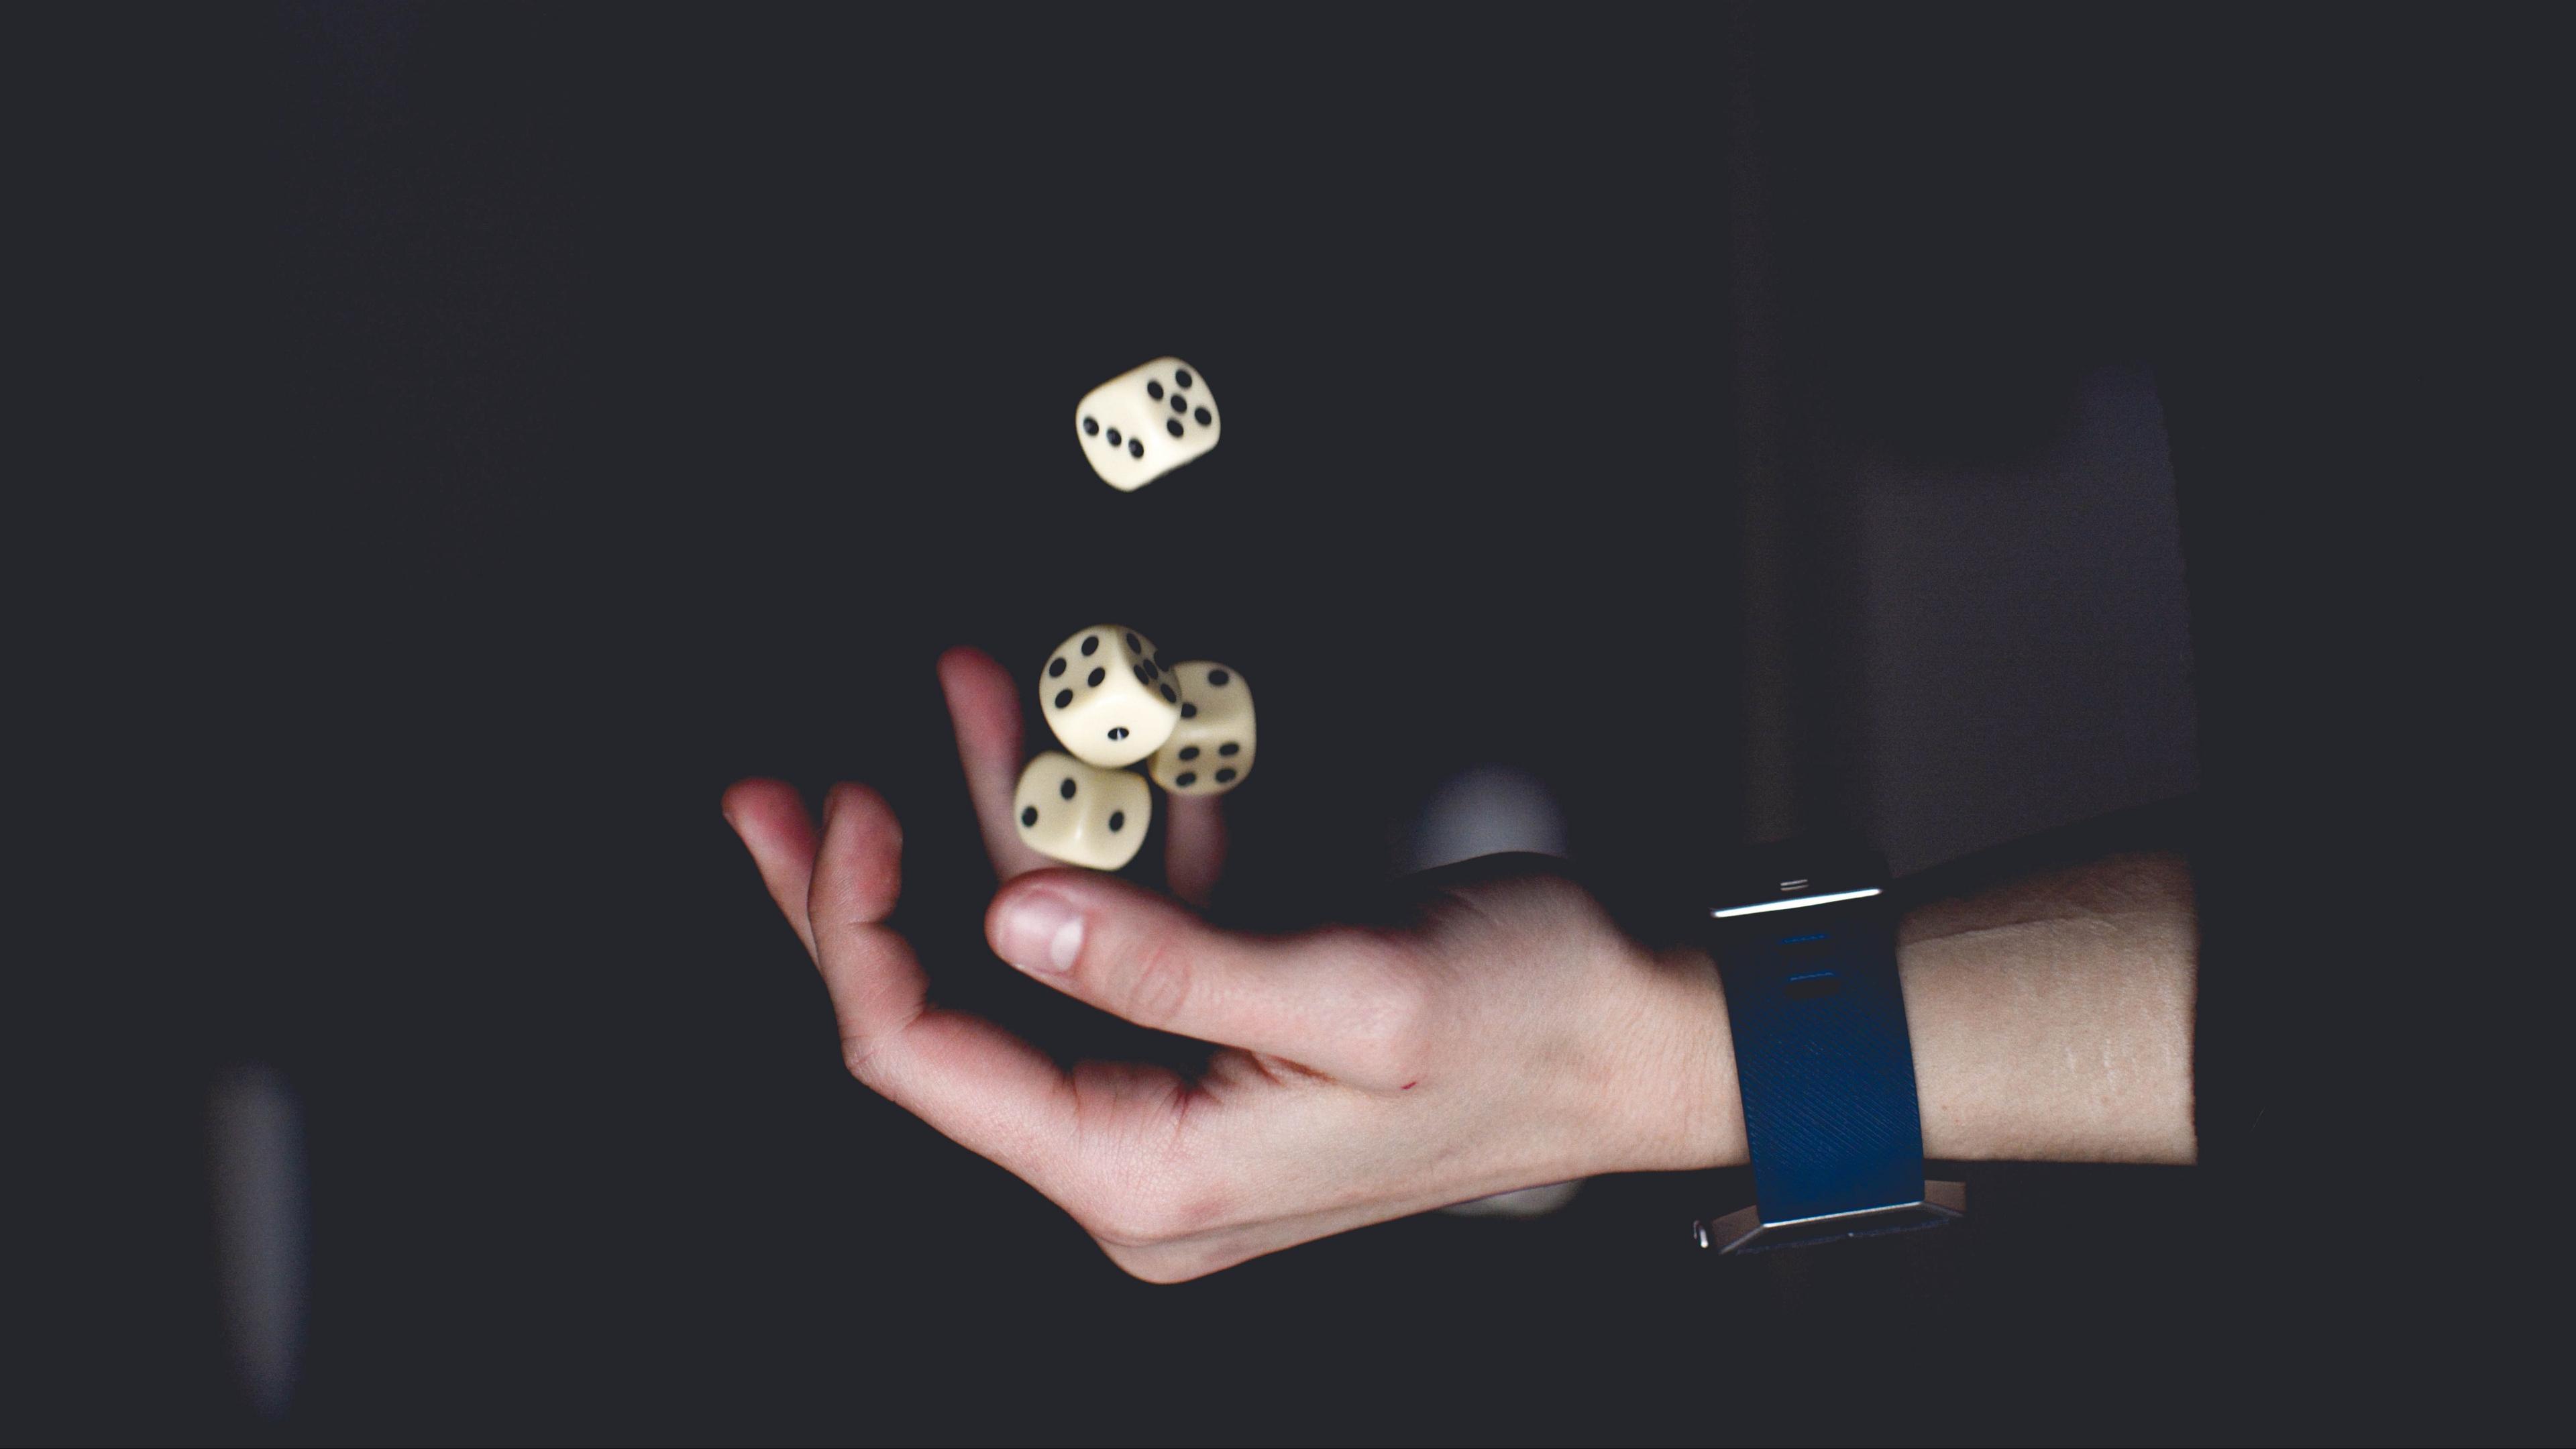 dice dices hand toss 4k 1540575110 - dice, dices, hand, toss 4k - hand, dices, dice